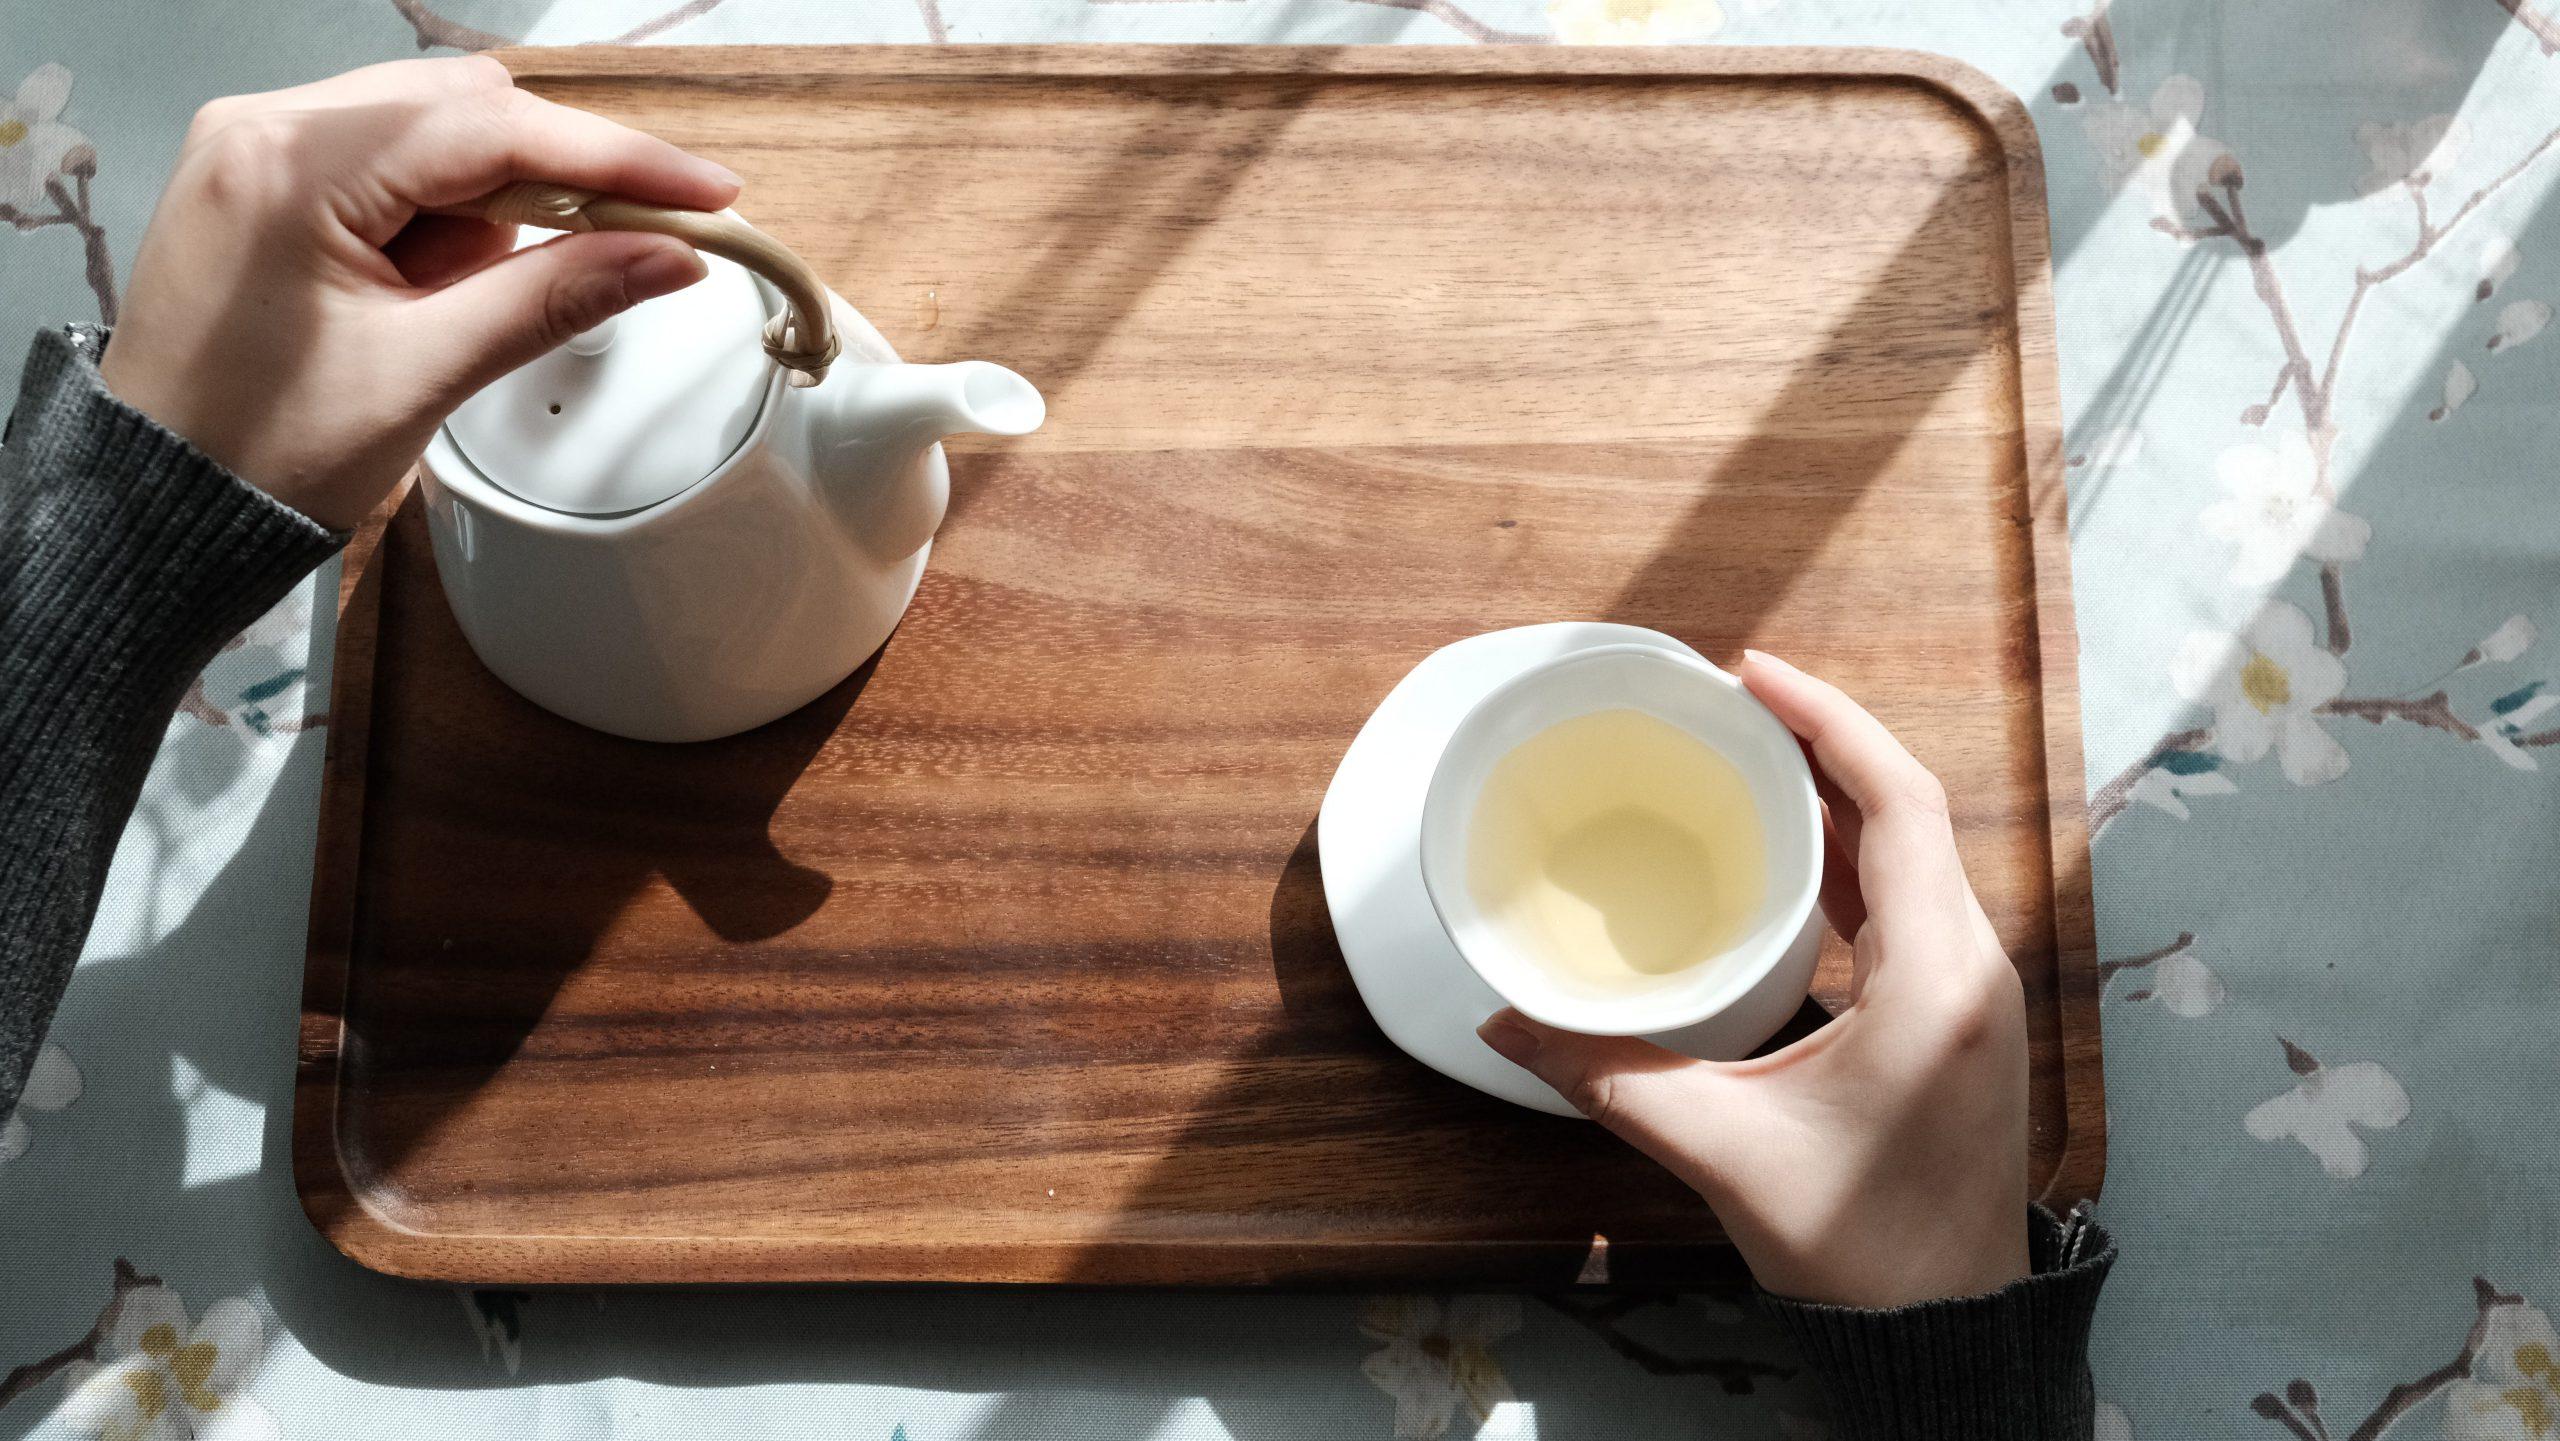 Trà shan tuyết cổ thụ tà xùa không còn chỉ là một thức uống mà đã trở thành một nét văn hóa.